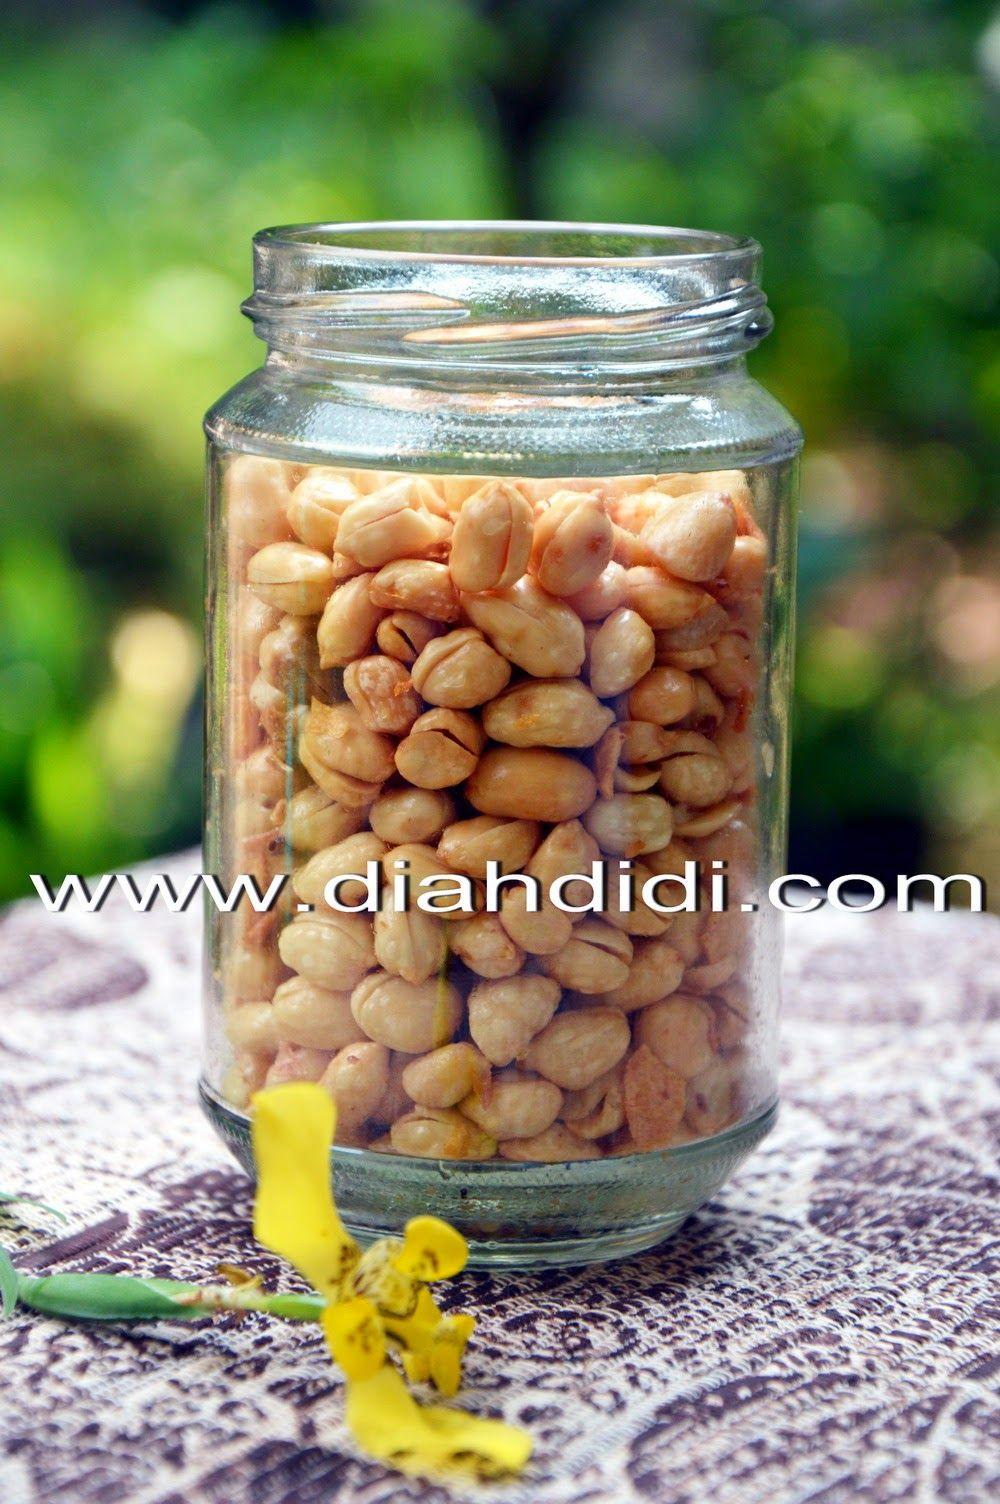 Resep Kacang Bawang Spesial : resep, kacang, bawang, spesial, Didi's, Kitchen:, Kacang, Bawang, Empuk,, Gurih, Renyah, Kacang,, Resep, Makanan, Bayi,, Masakan